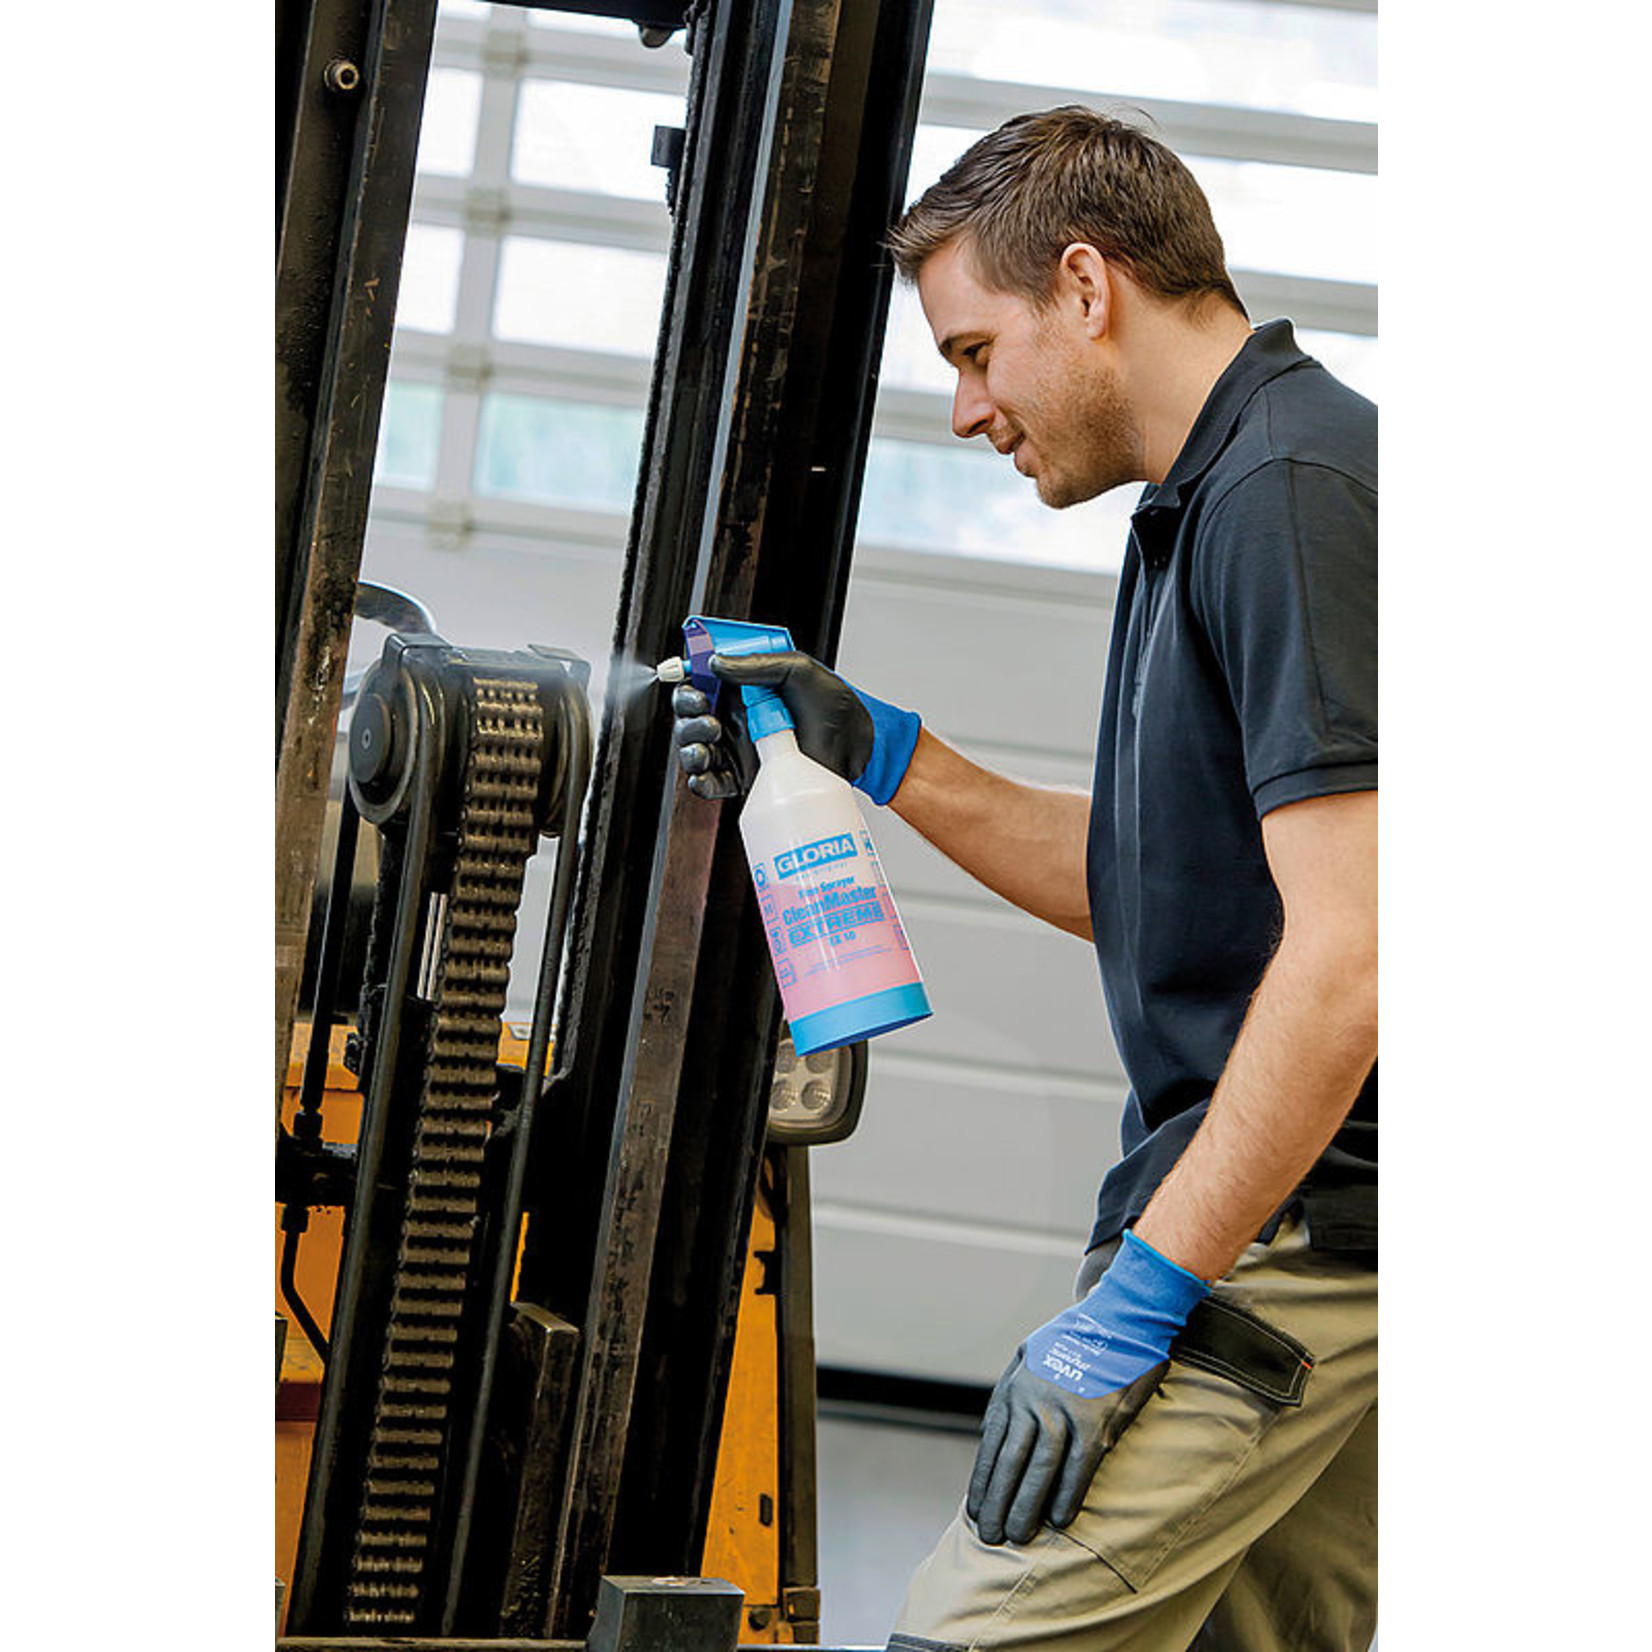 Gloria Reiniging Fijnsproeier CleanMaster Extreme EX10 (1 liter)